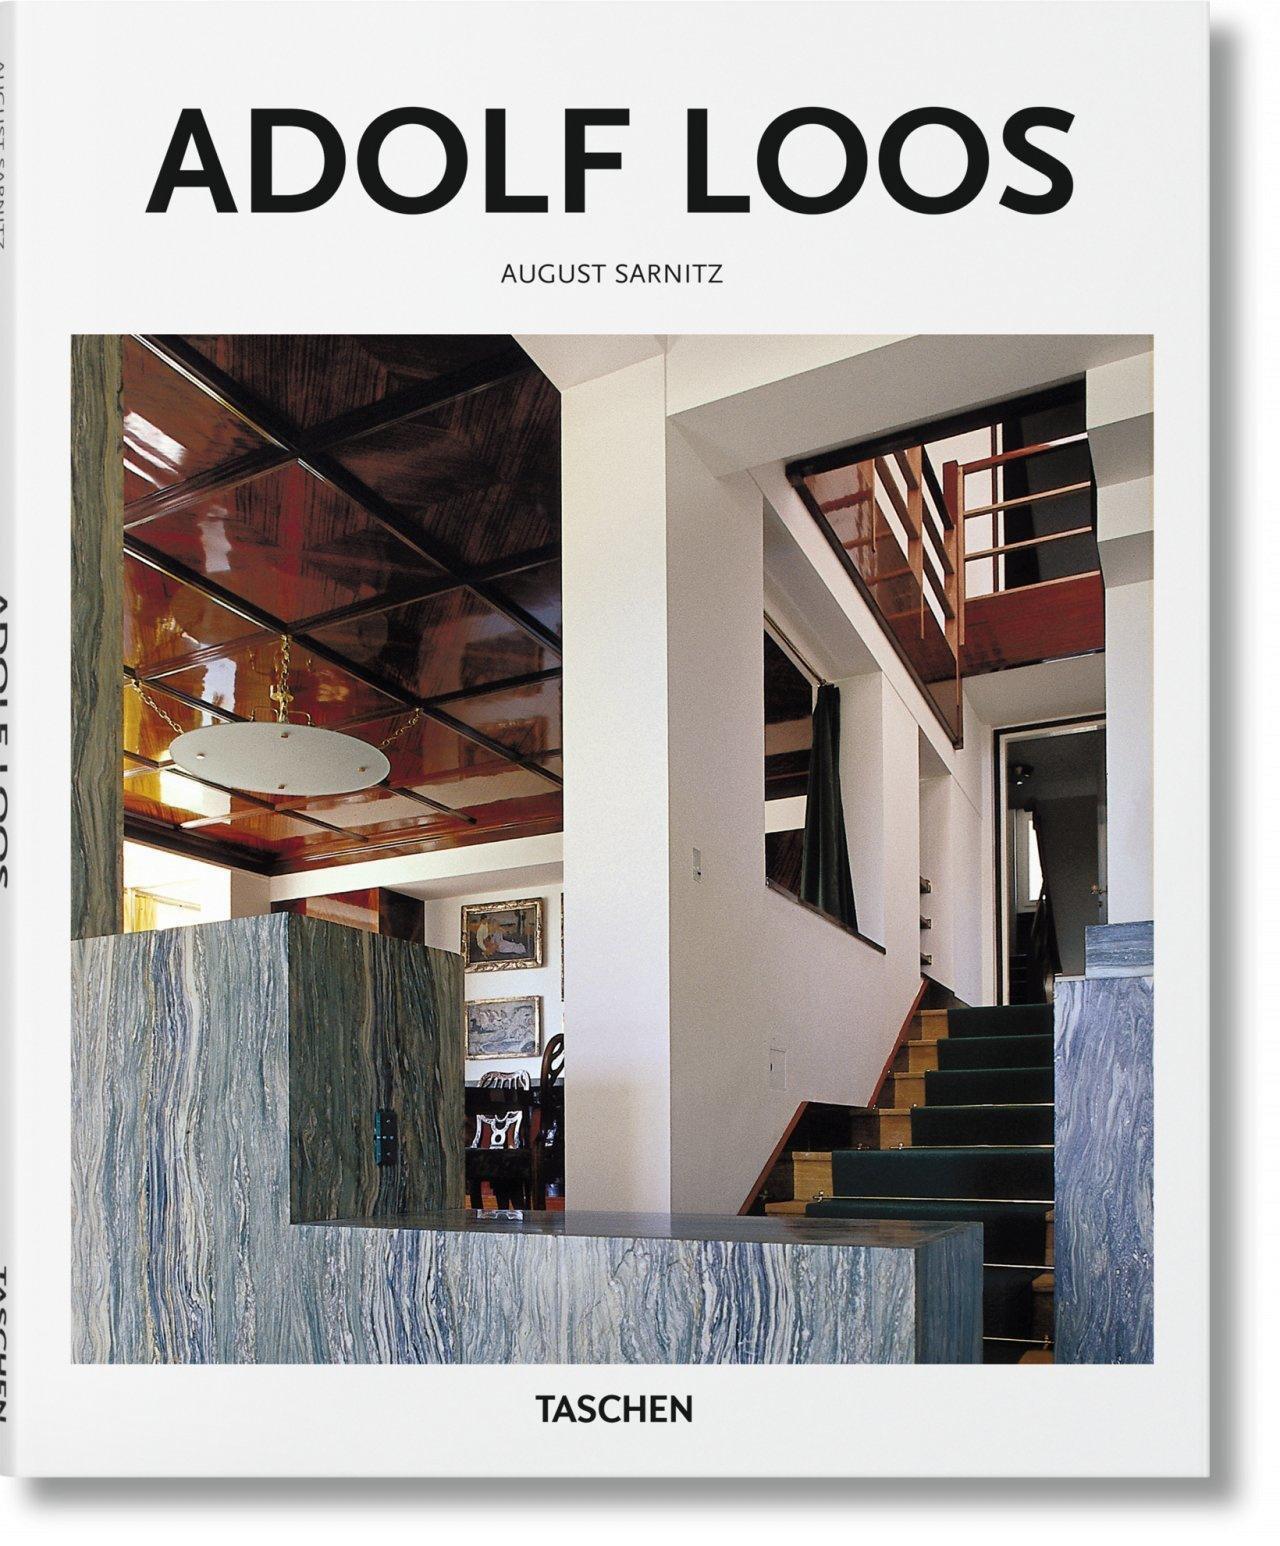 ADOLF LOOS - BA